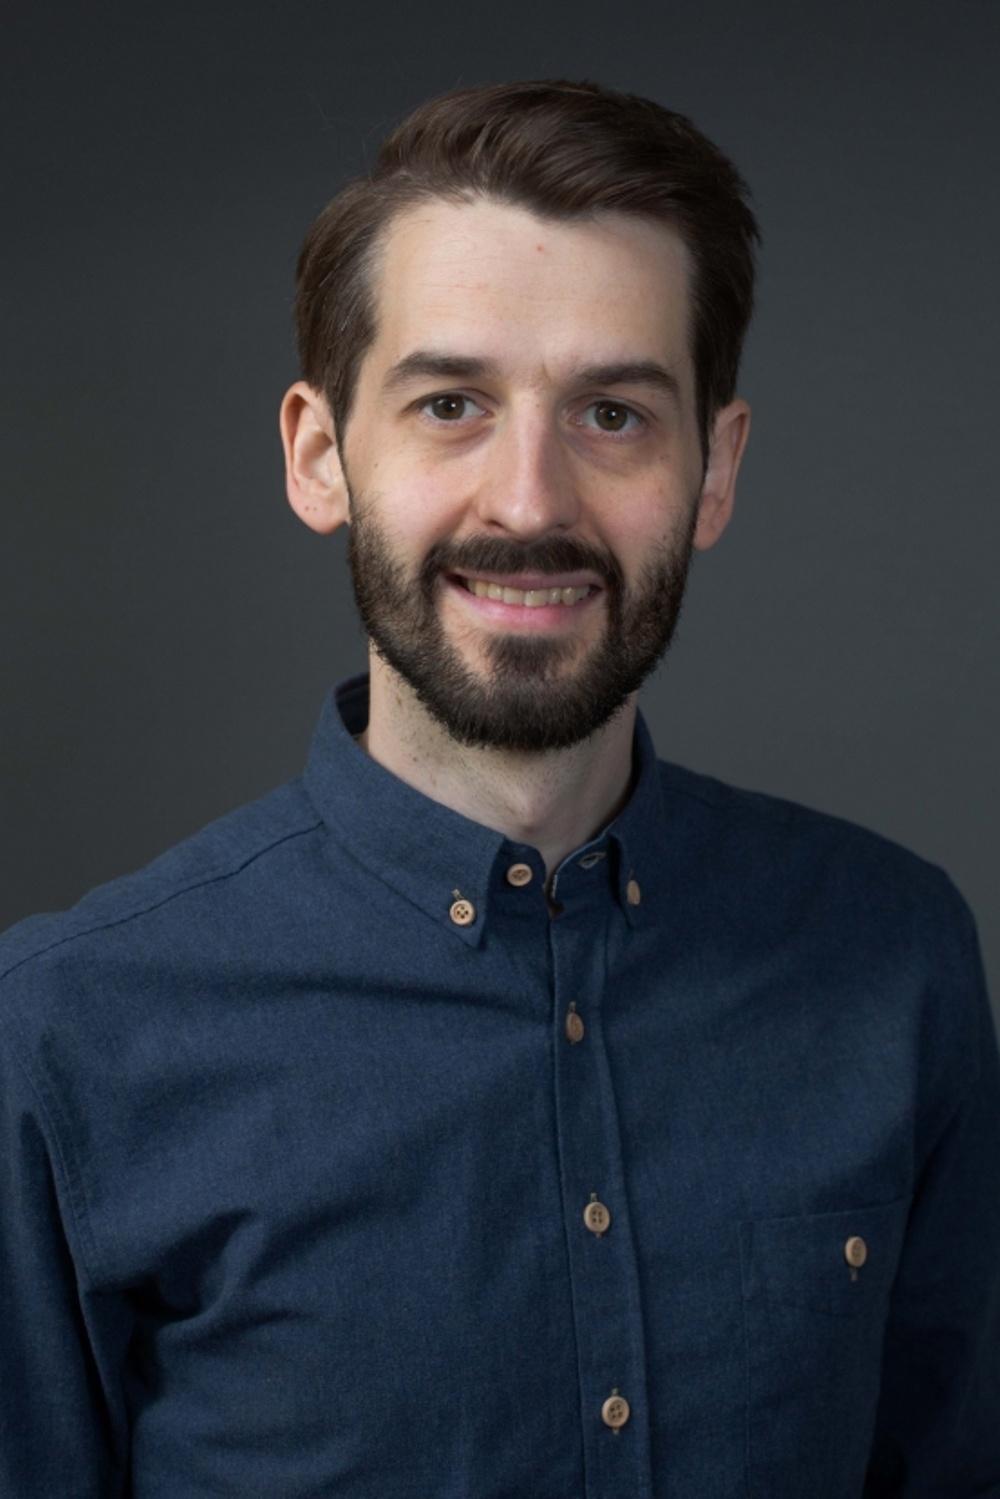 Kristoffer Fredriksson, Verksamhetsutvecklare i Umeå, Studieförbundet Bilda Nord